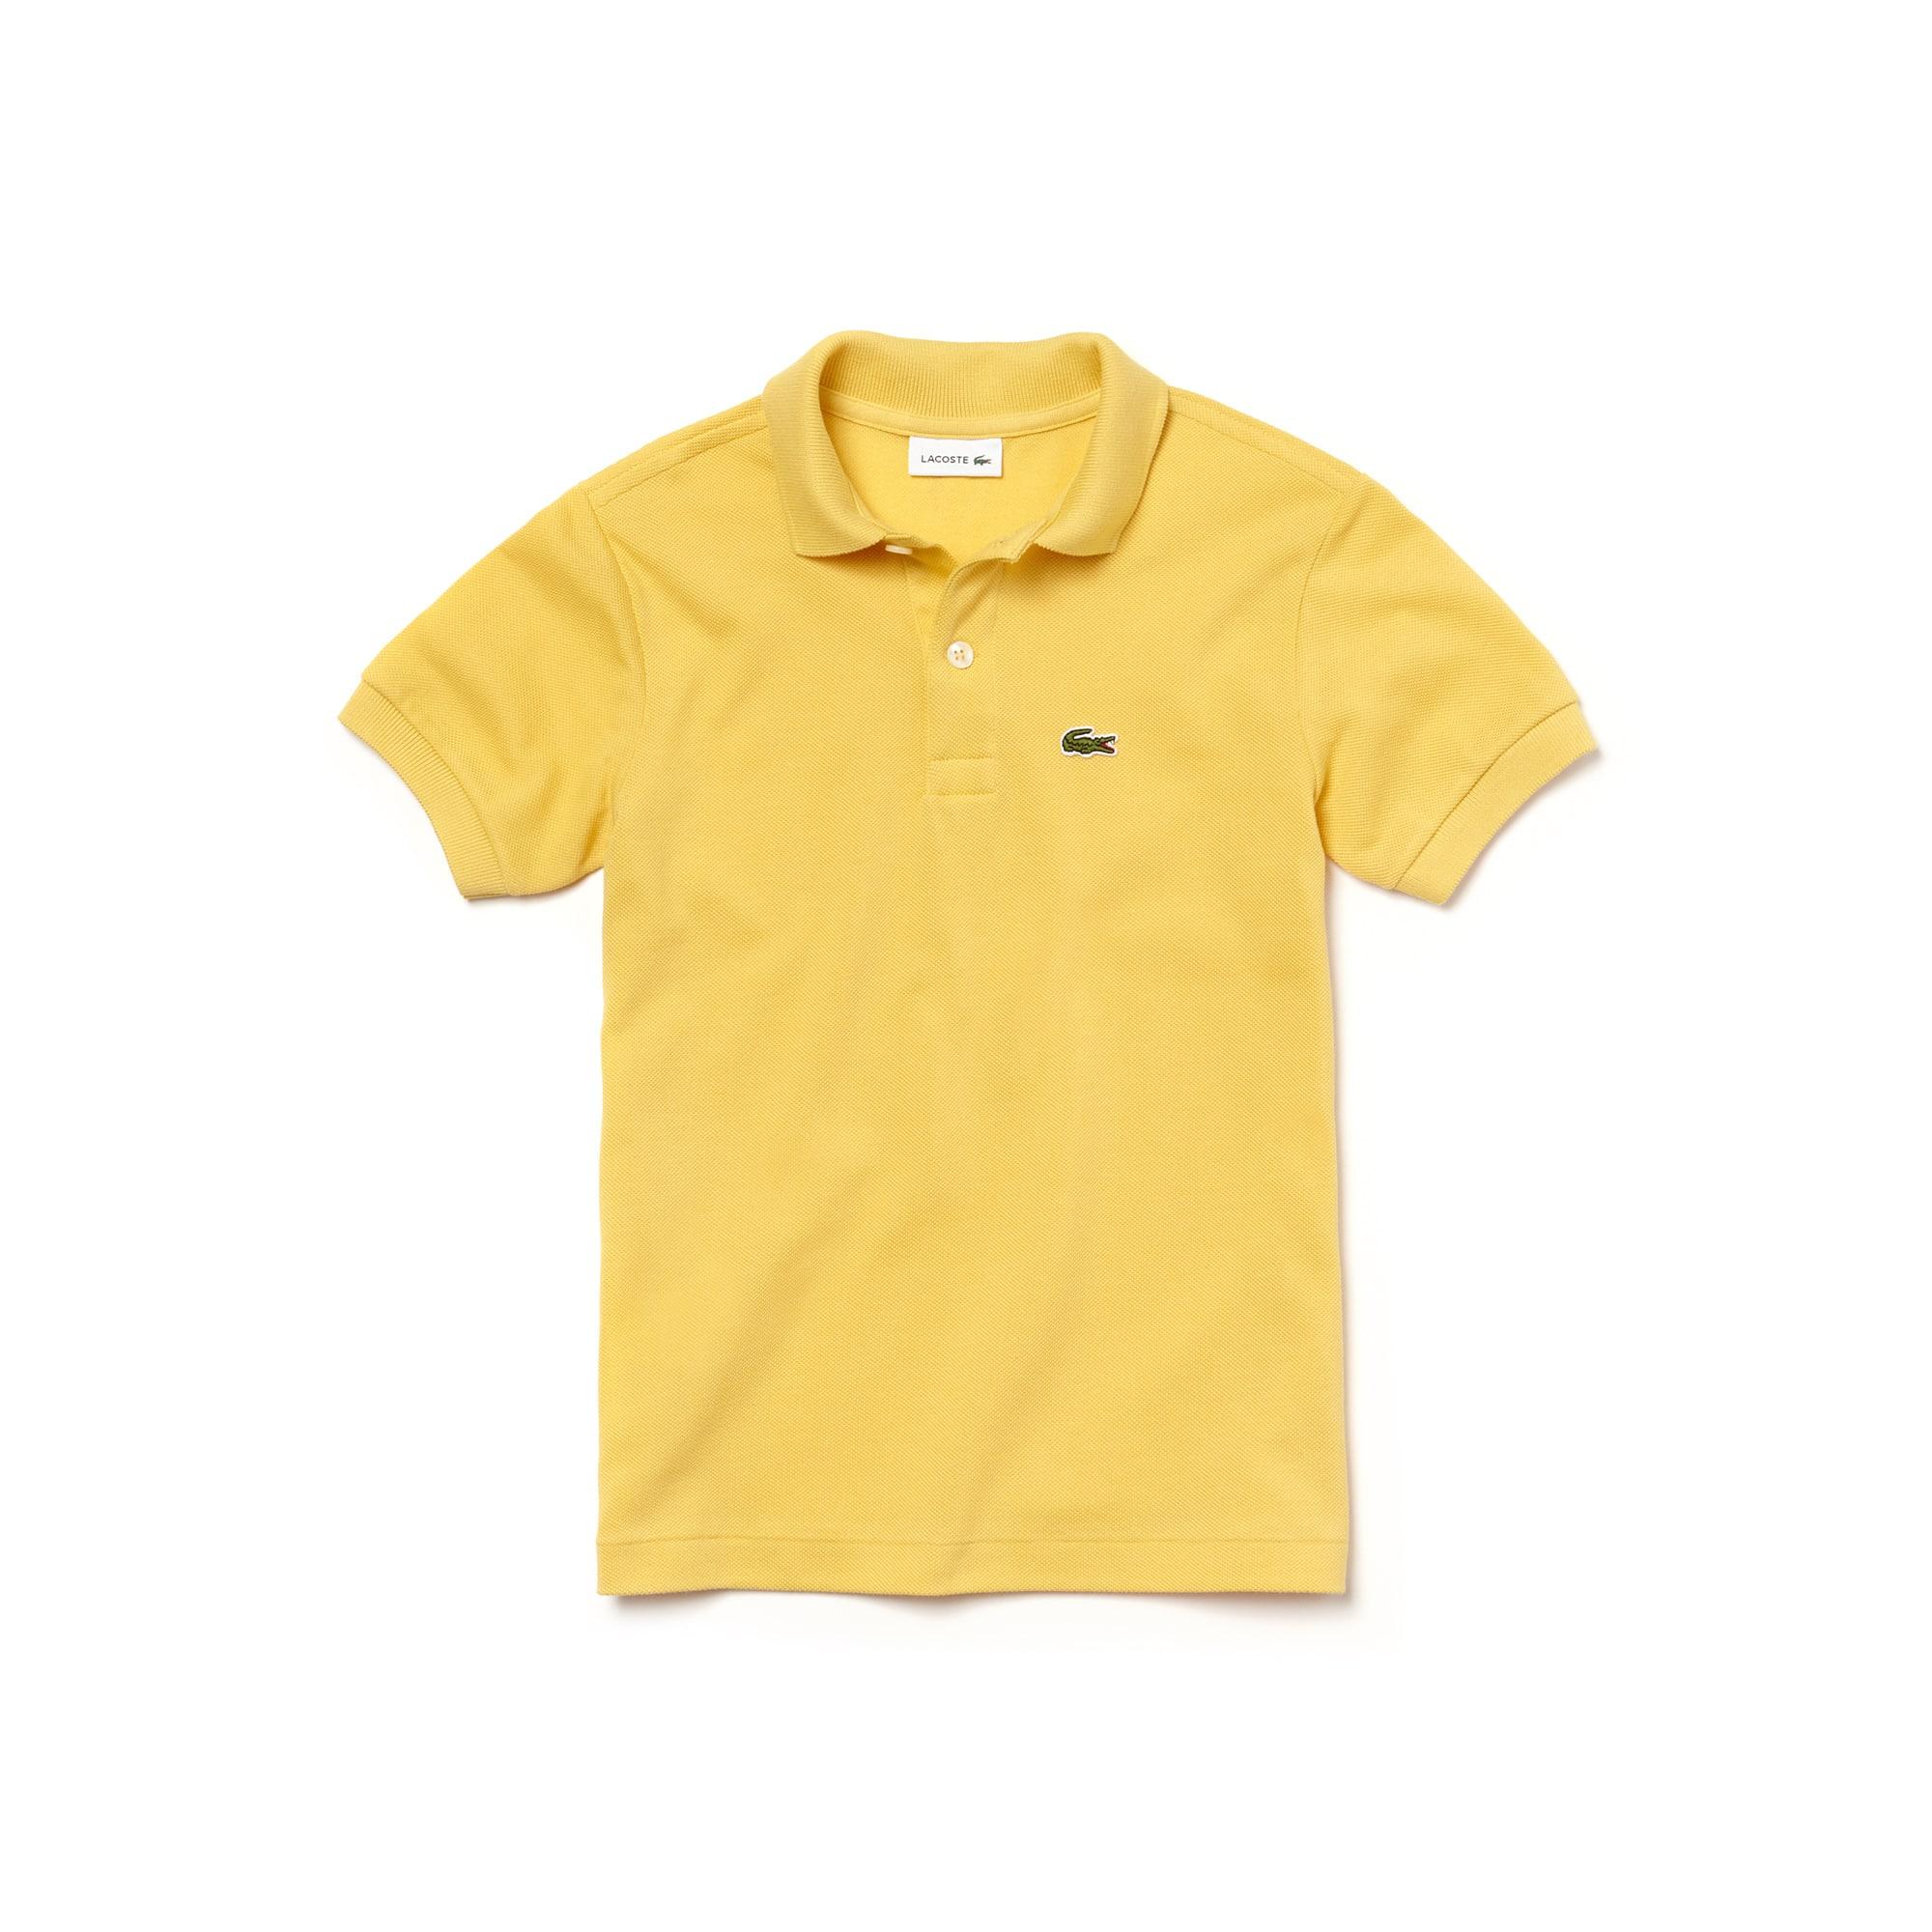 23c70353 Kids' Lacoste Petit Piqué Polo Shirt | LACOSTE